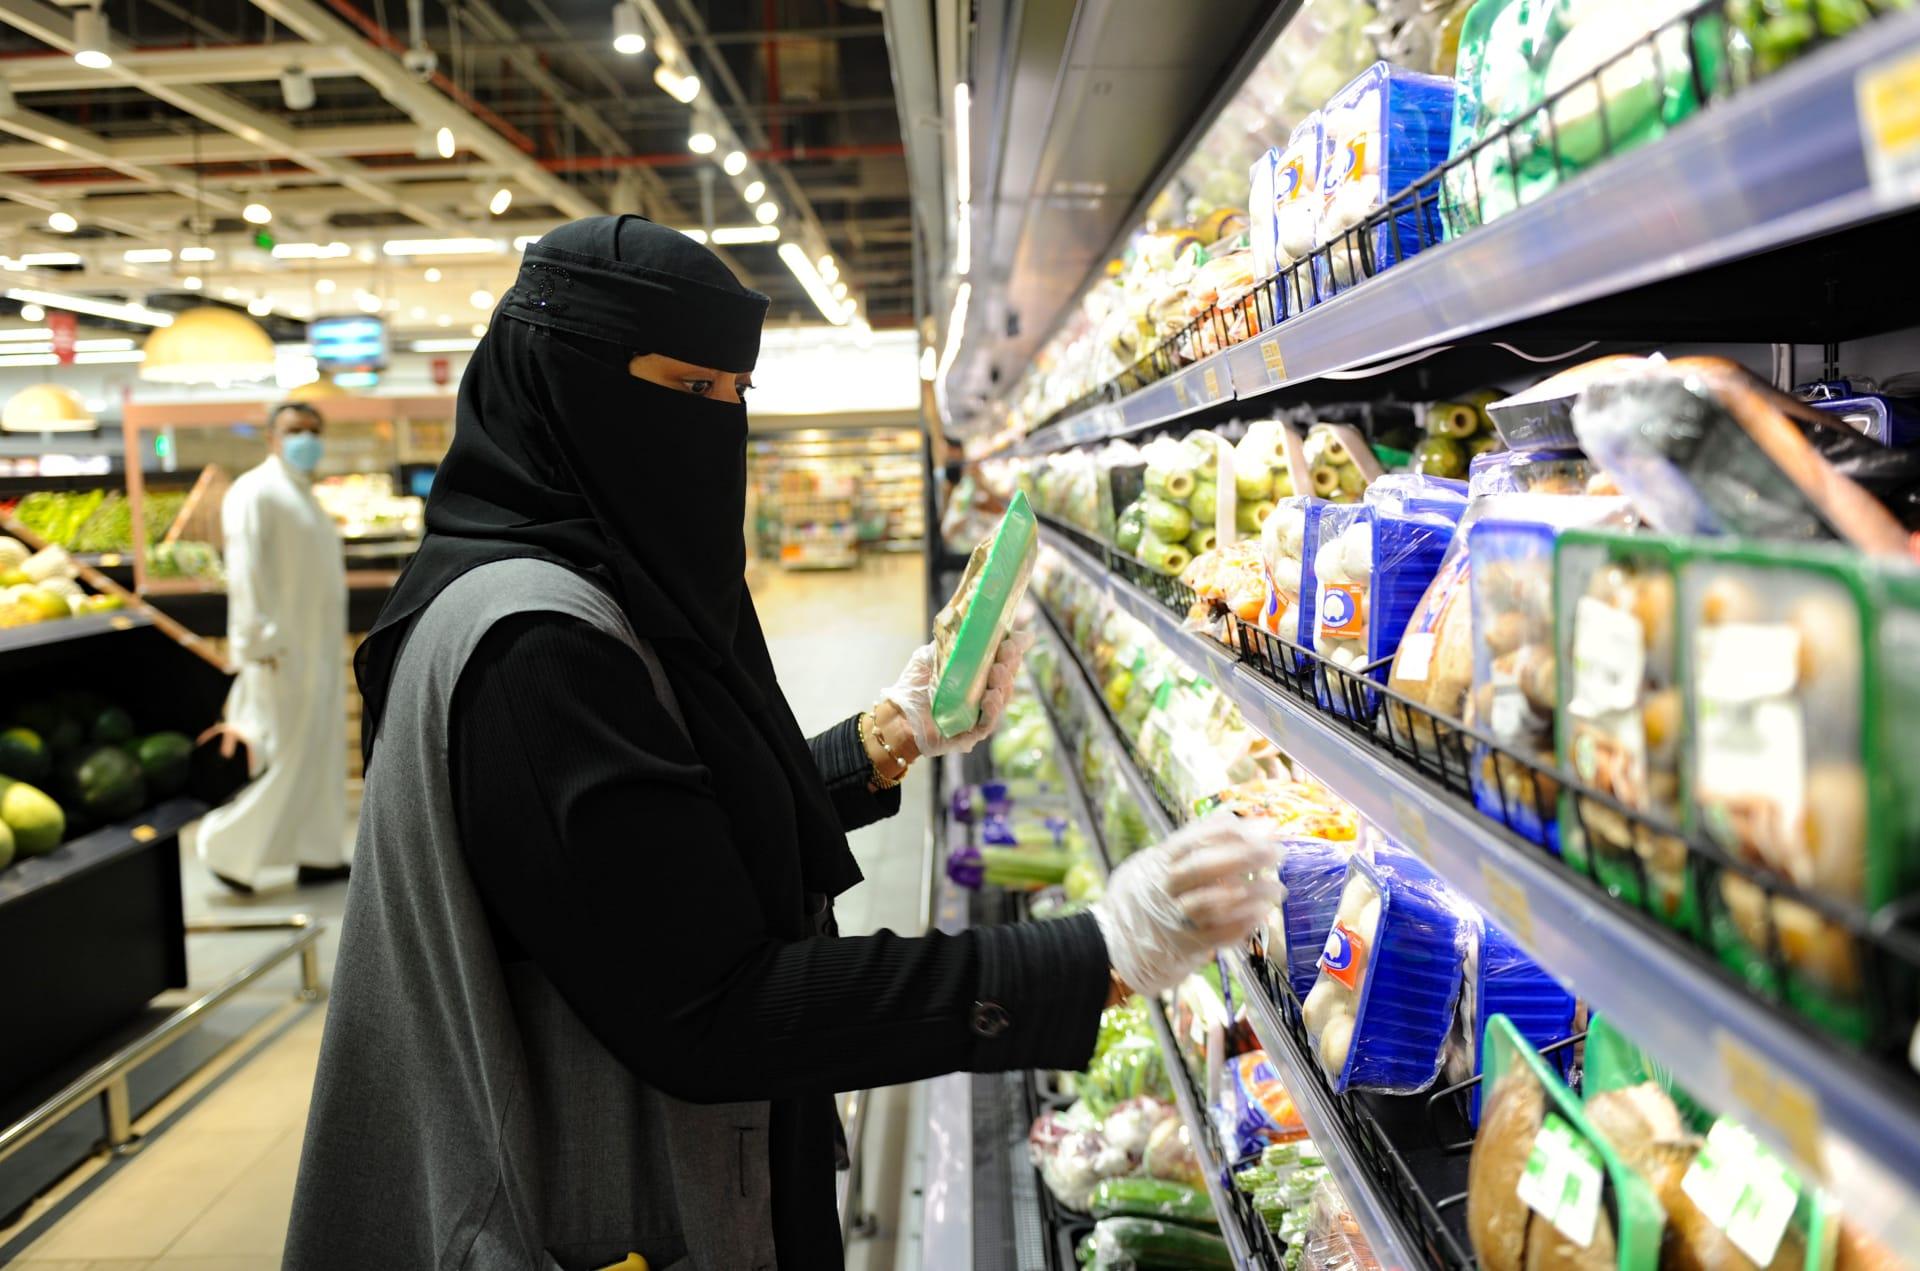 سيدة تتبضع في السوبرماركت في مدينة جدة.